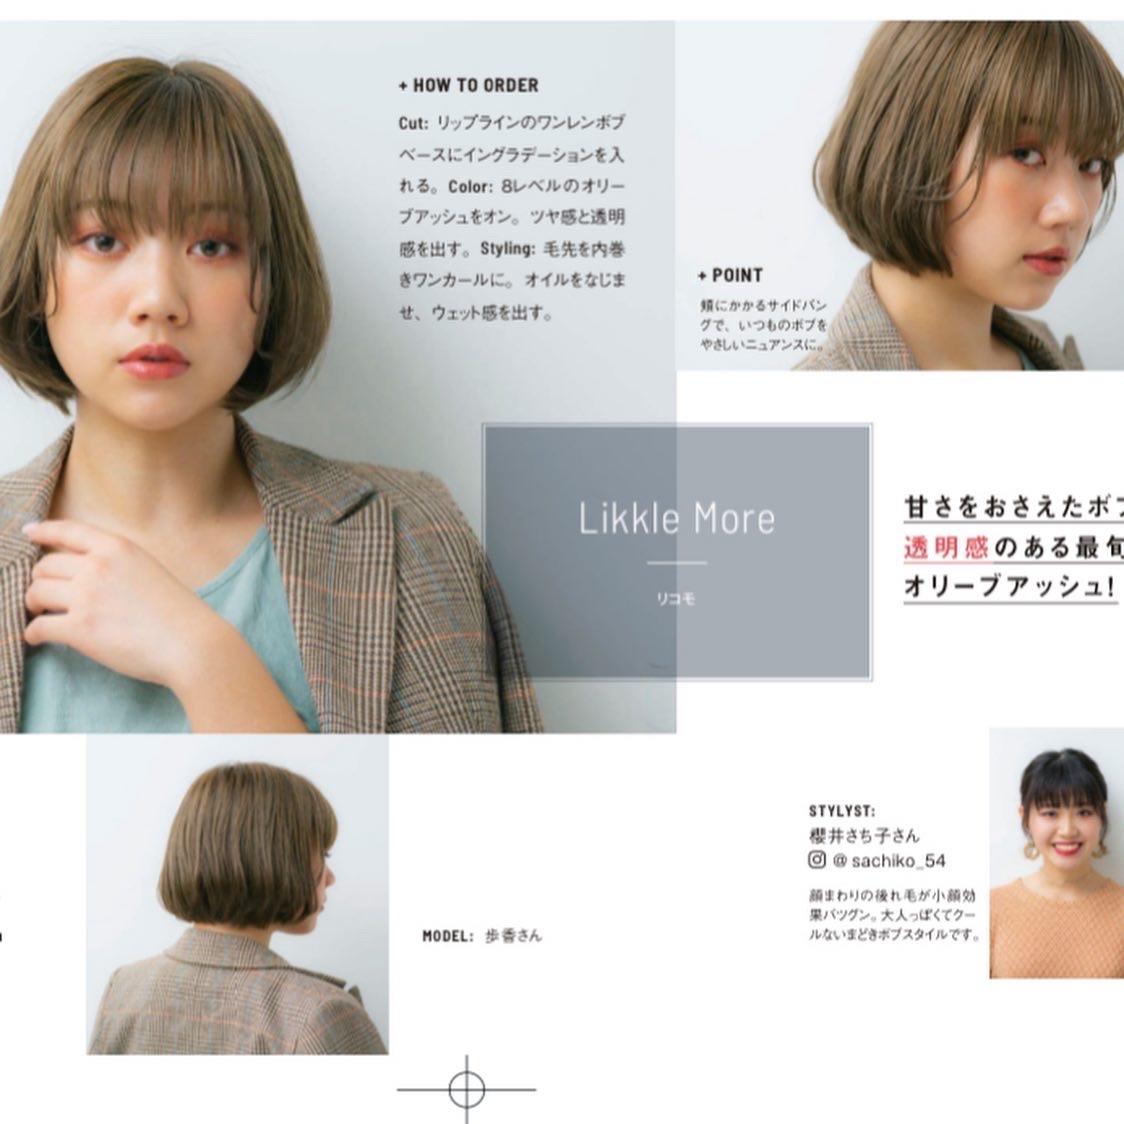 2019年11月15日発売!ショート&ボブヘアカタログ掲載 Stylist:櫻井さち子